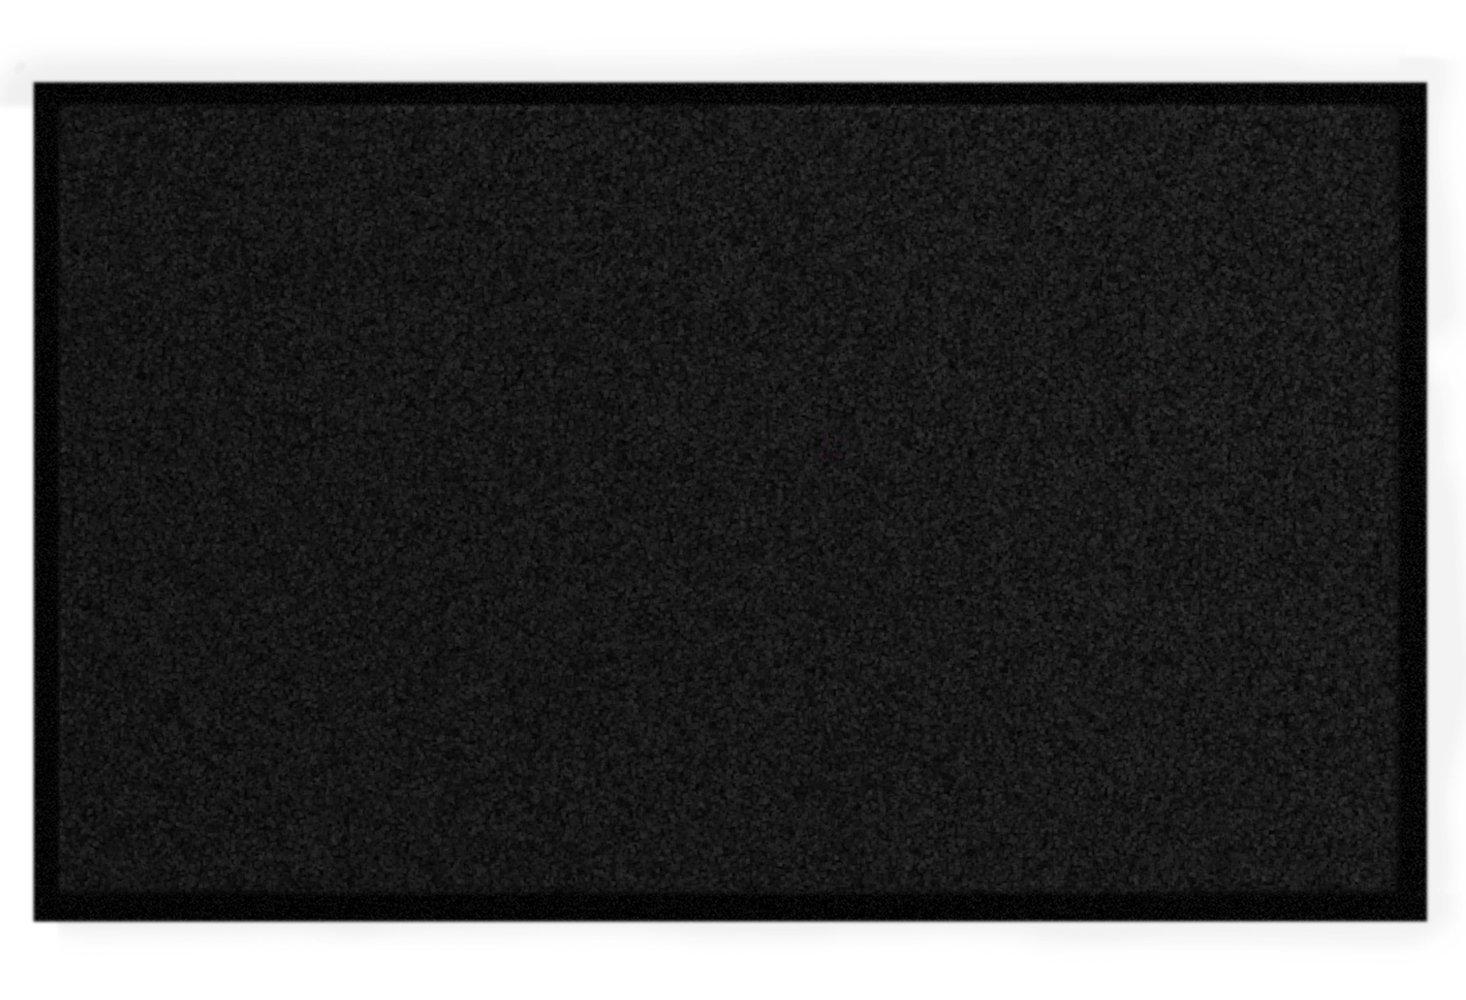 Extra starke waschbare premium Schmutzfangmatte – für Industrie, Gewerbe, Gewerbe, Gewerbe, Geschäft, Shop -Grau 115x200cm B07D4HMG56 Fumatten 3b2260